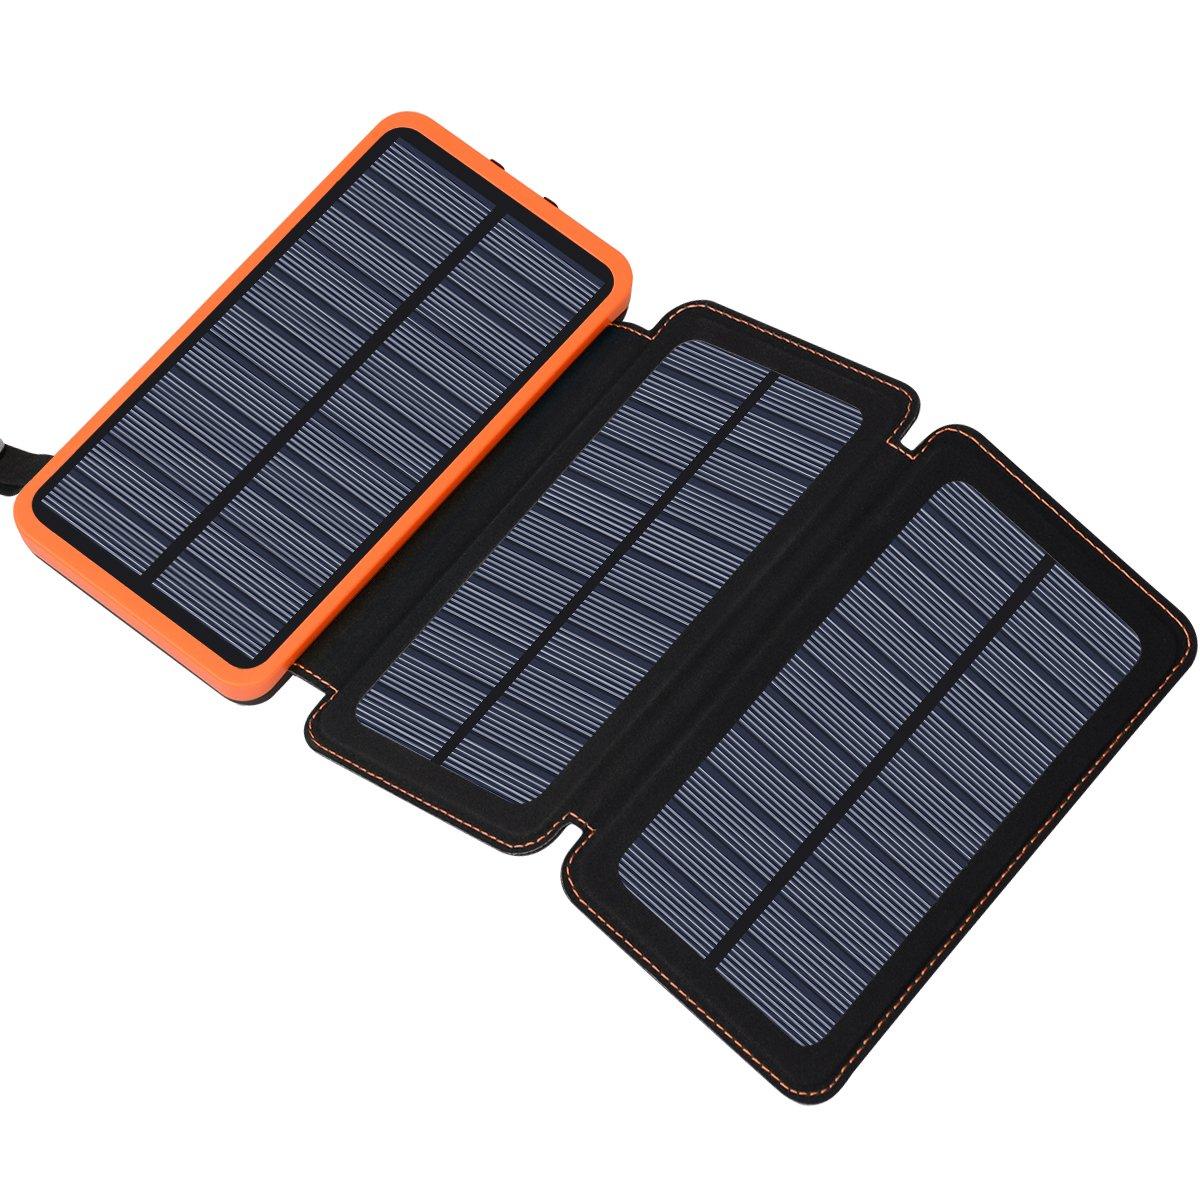 Chargeur solaire 24000mAh, banque d'alimentation solaire FEELLE avec 2 ports USB Batterie externe portable étanche compatible avec les smartphones, tablettes et plus